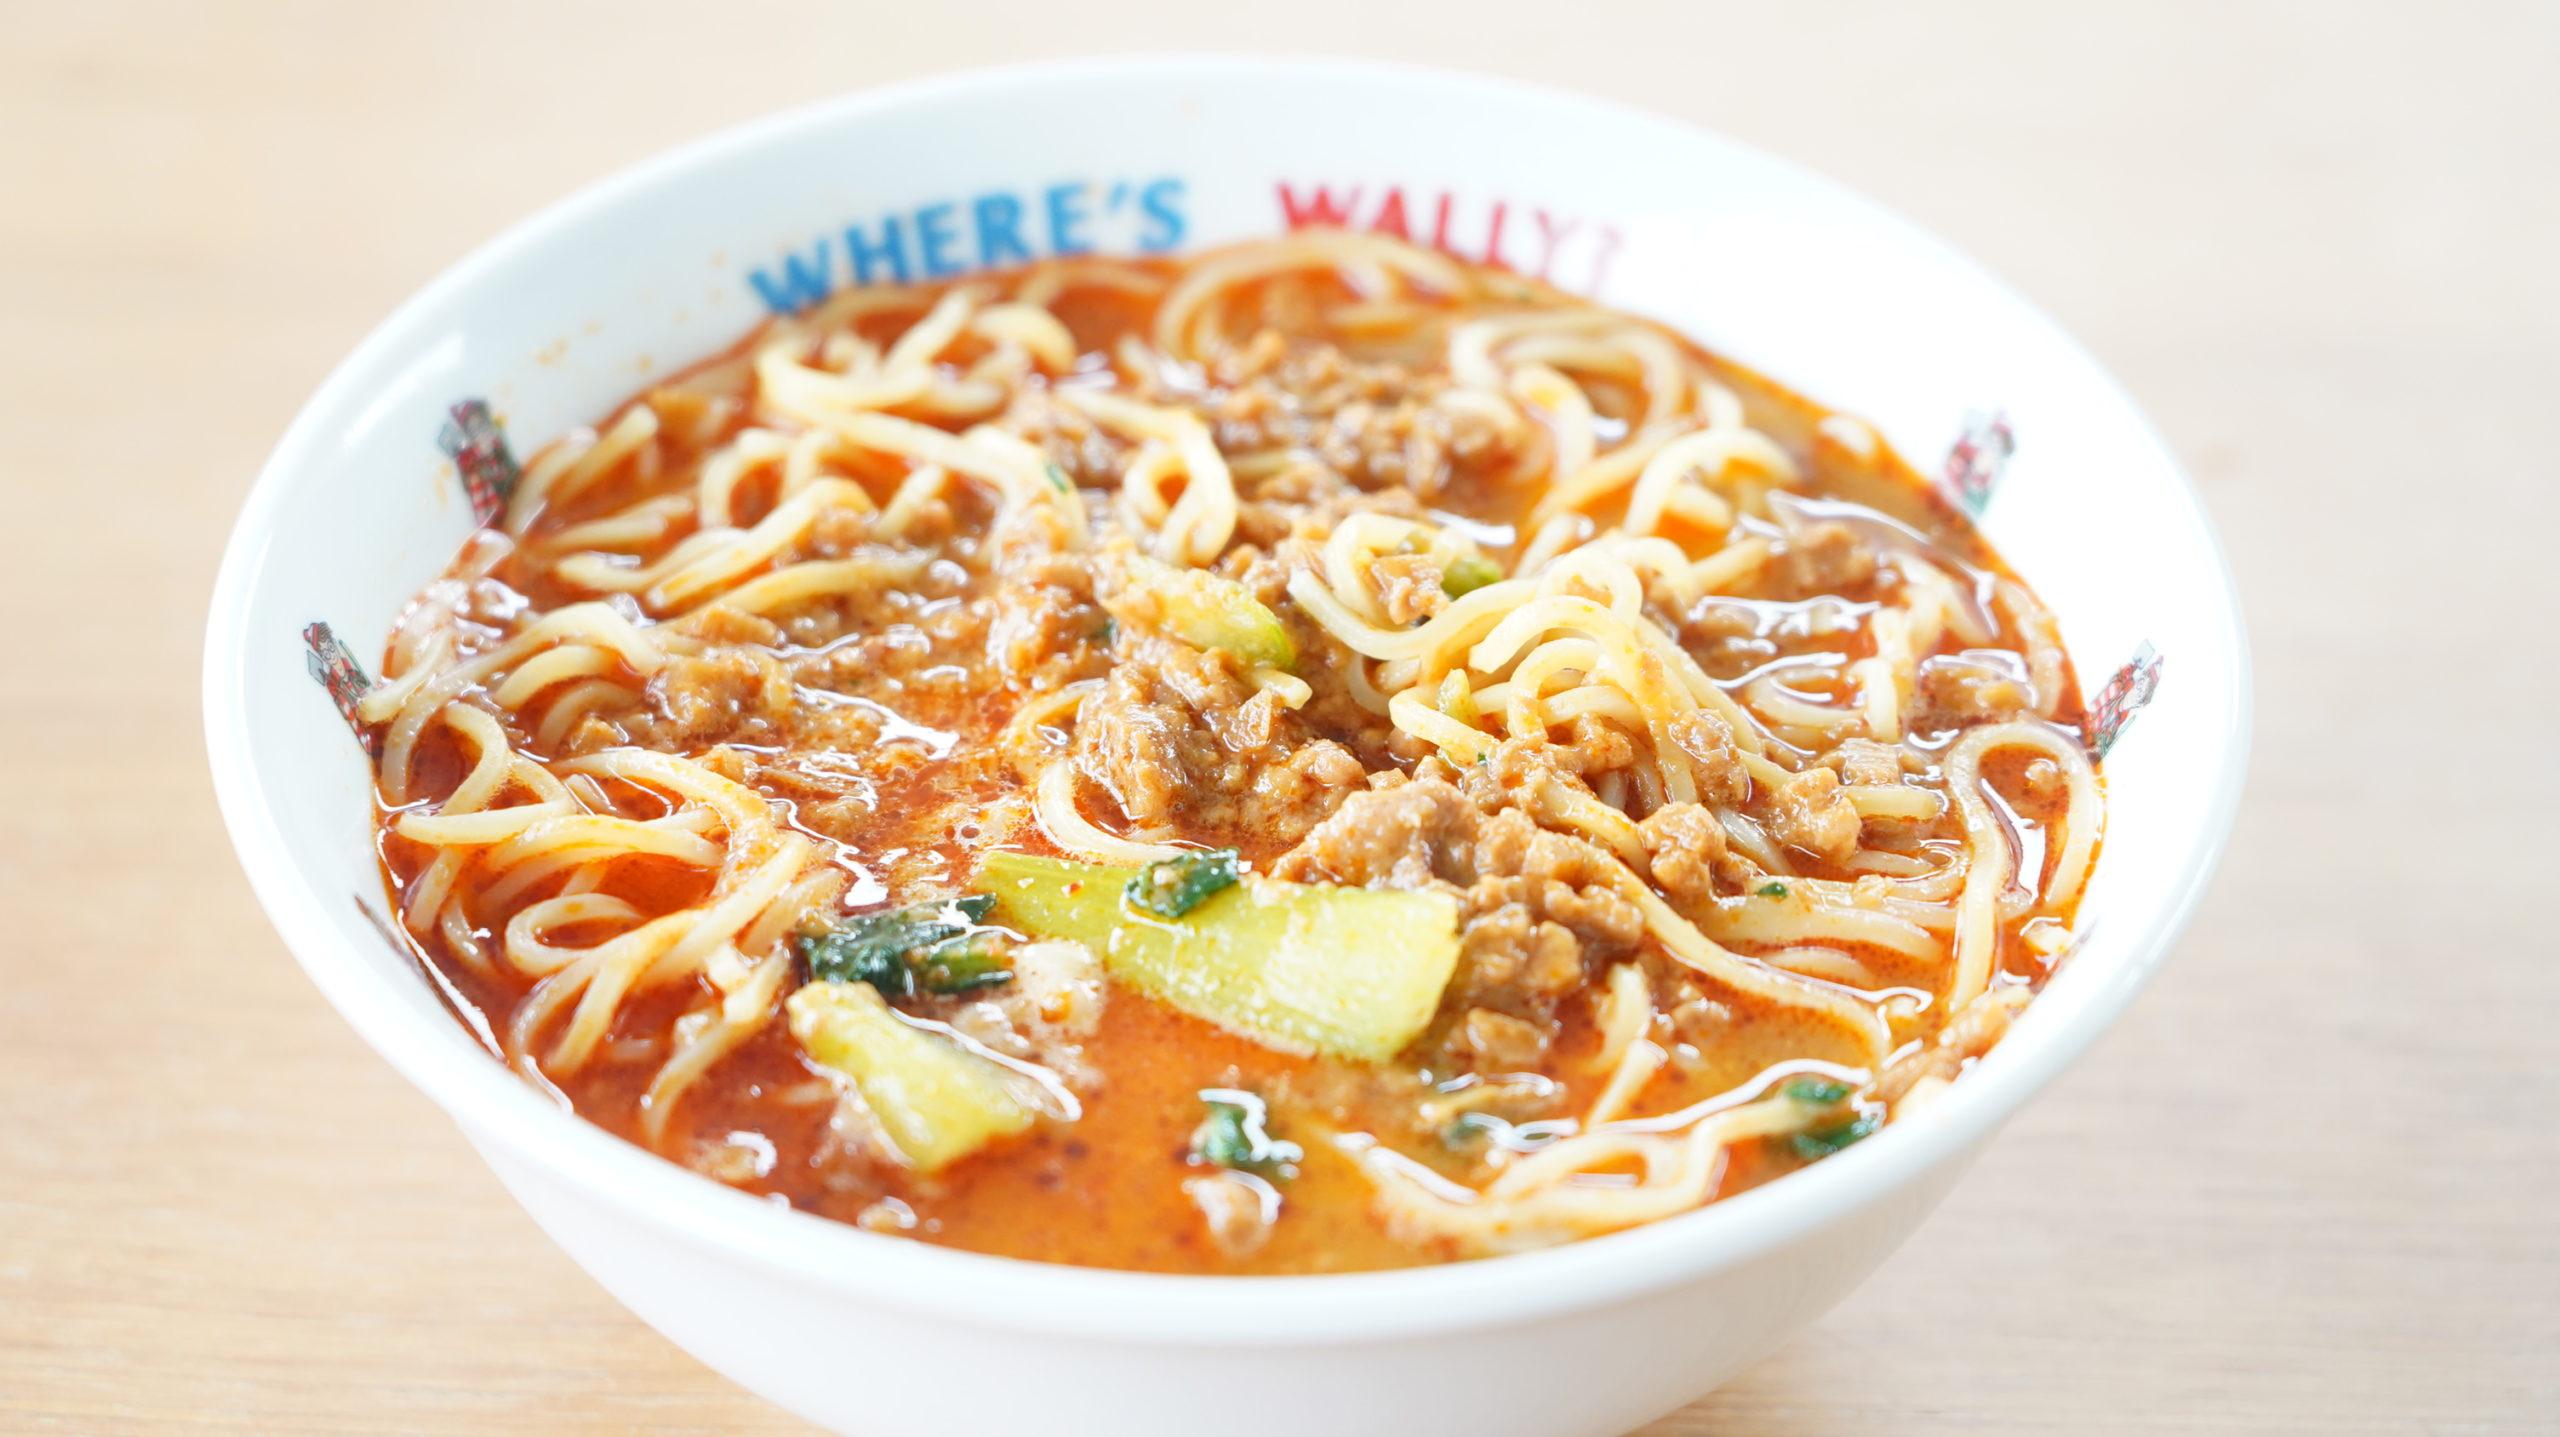 セブンイレブンの冷凍食品「胡麻が濃厚な坦々麺」をどんぶりに盛り付けた写真